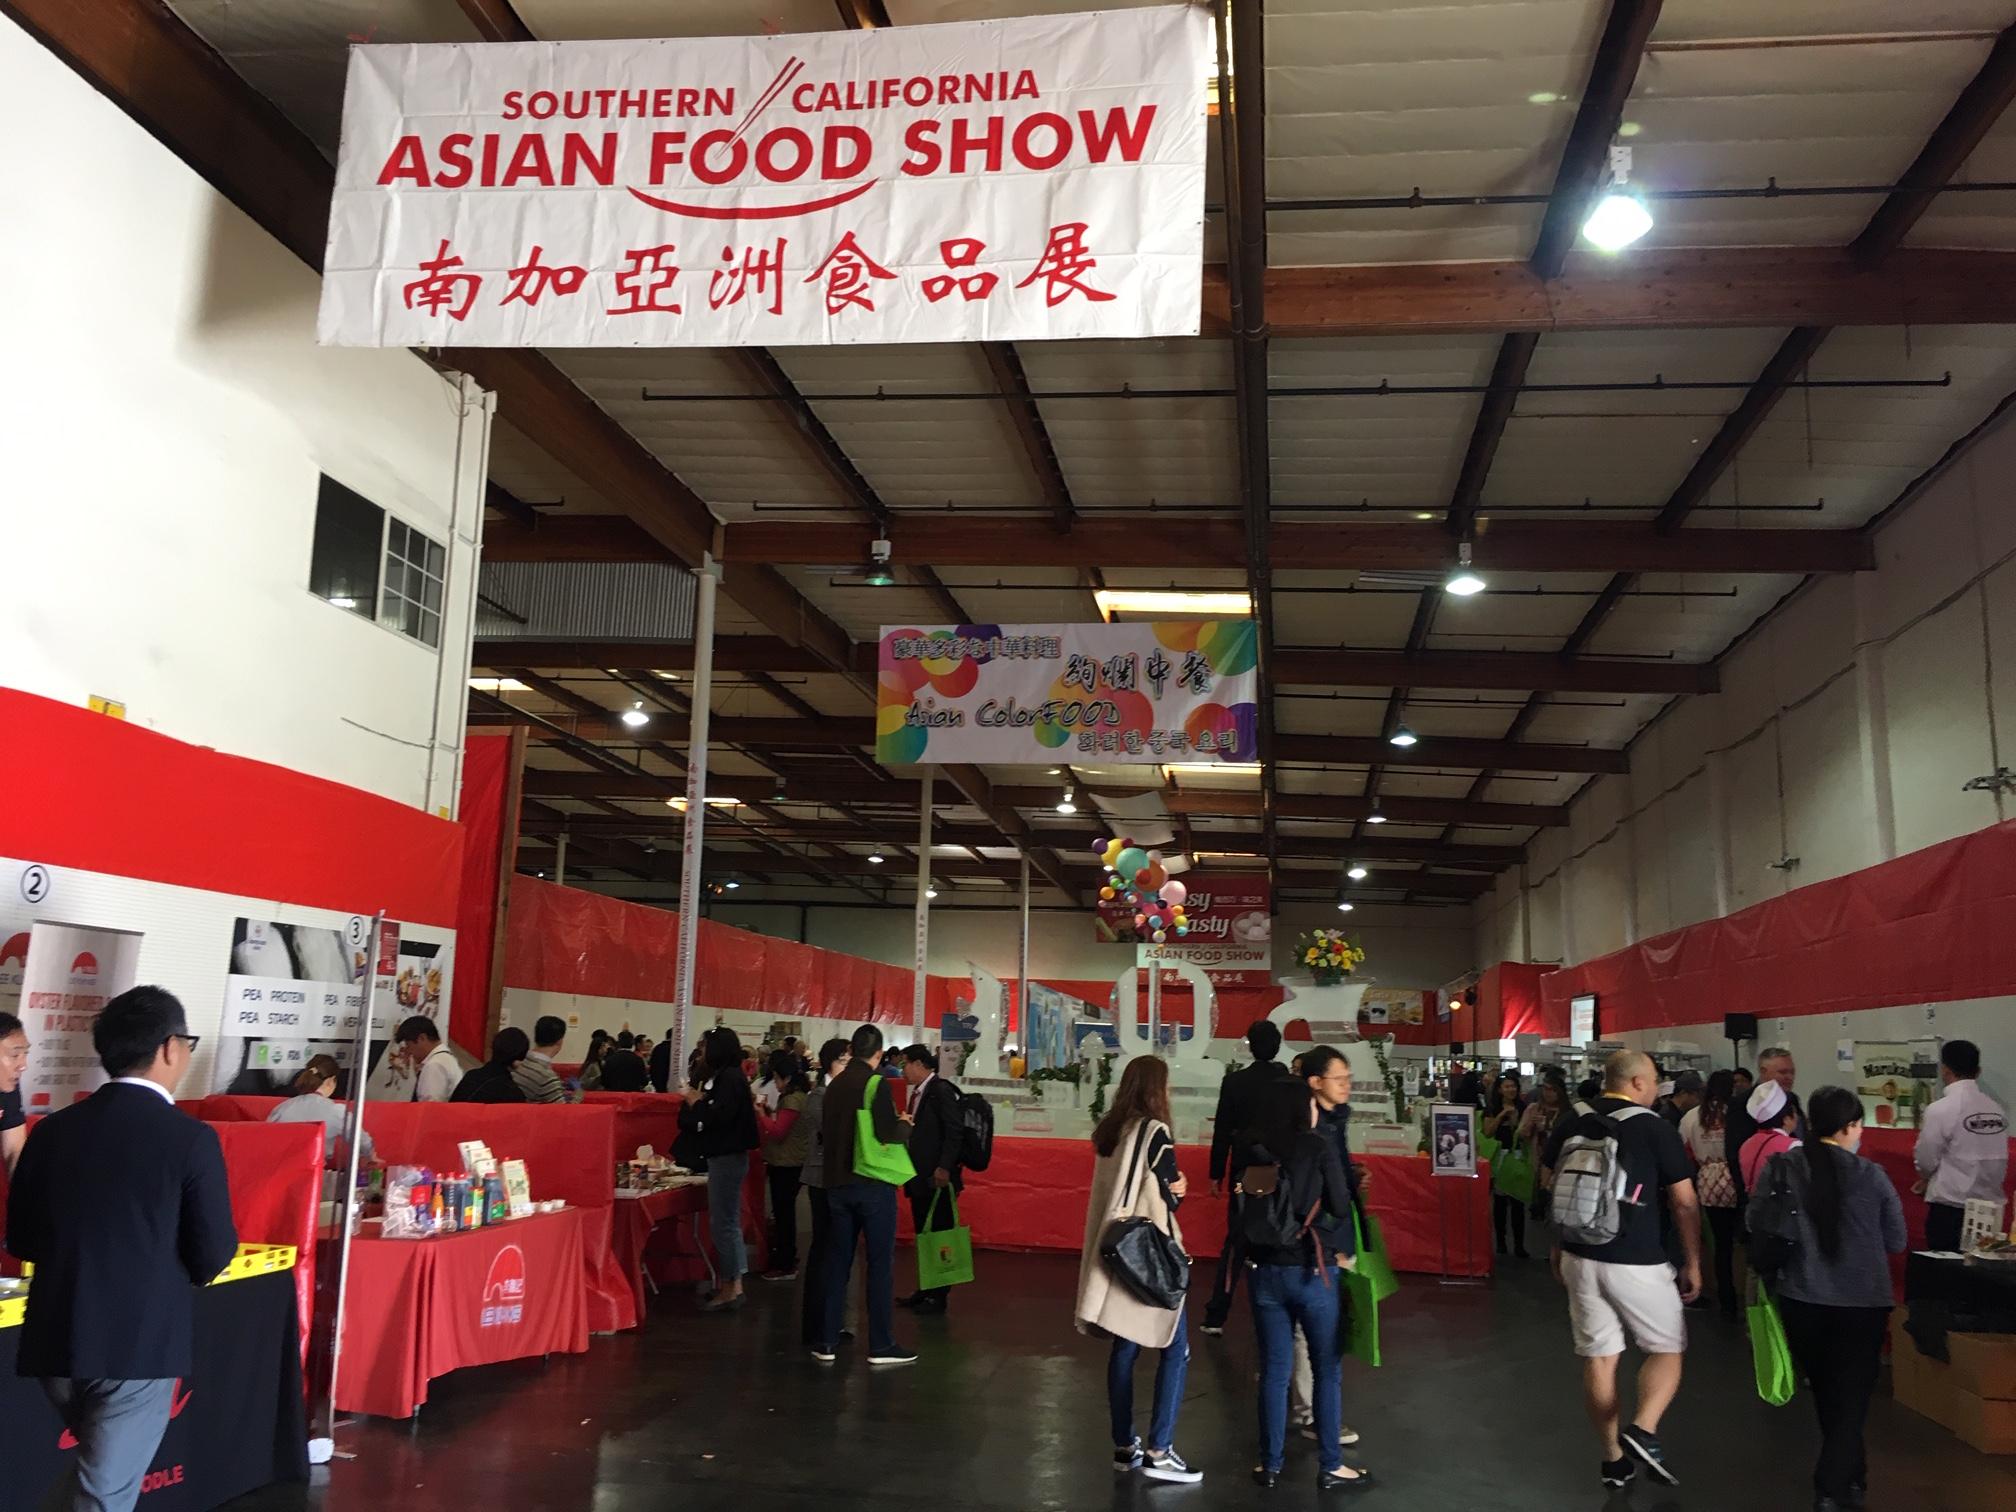 南加亞洲食品展在洛杉磯惠堤爾市舉行,每年均吸引許多餐飲專業人士前來參觀。